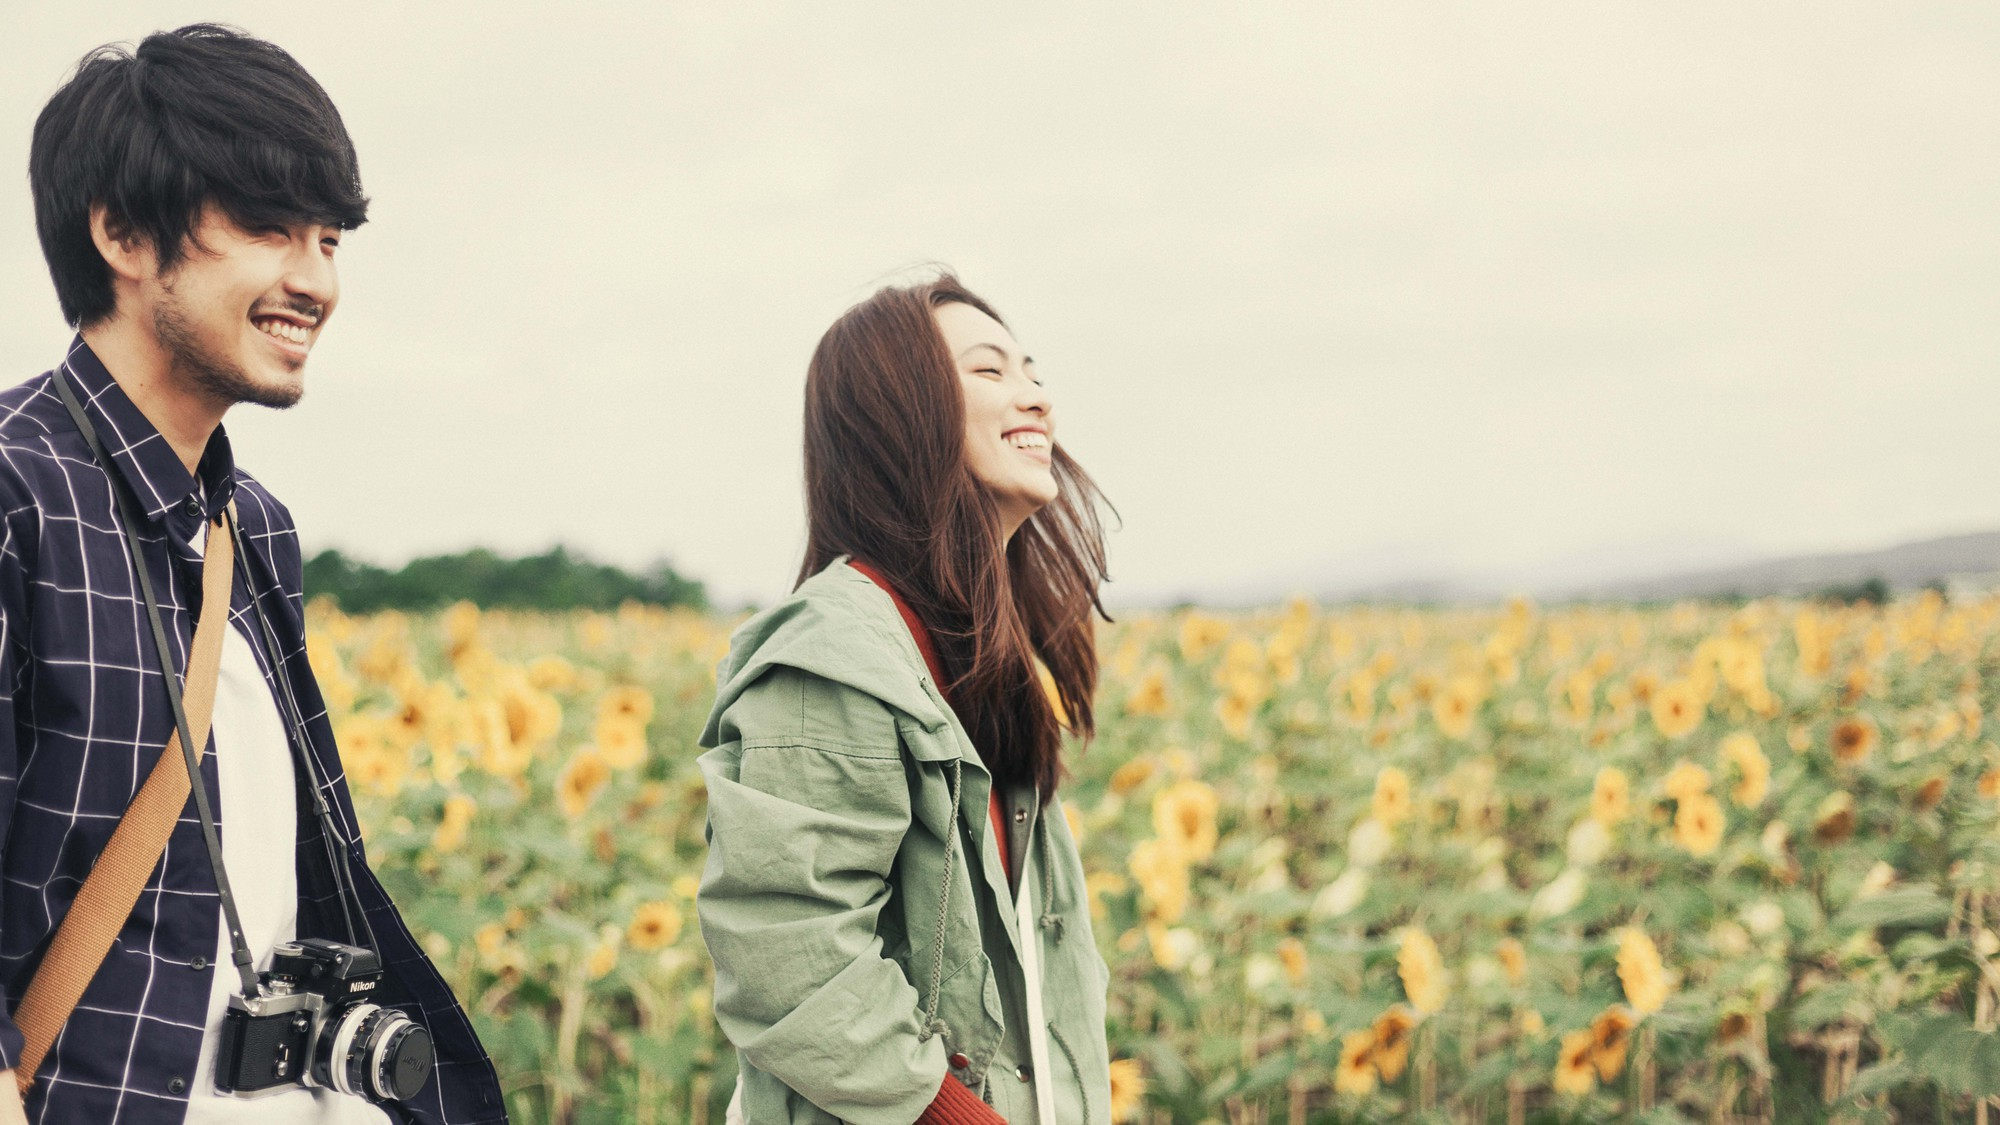 Phương Anh Đào: Cô gái có hai vai nữ chính, một vai nữ thứ trong mùa hè năm nay của điện ảnh Việt là ai? - Ảnh 7.